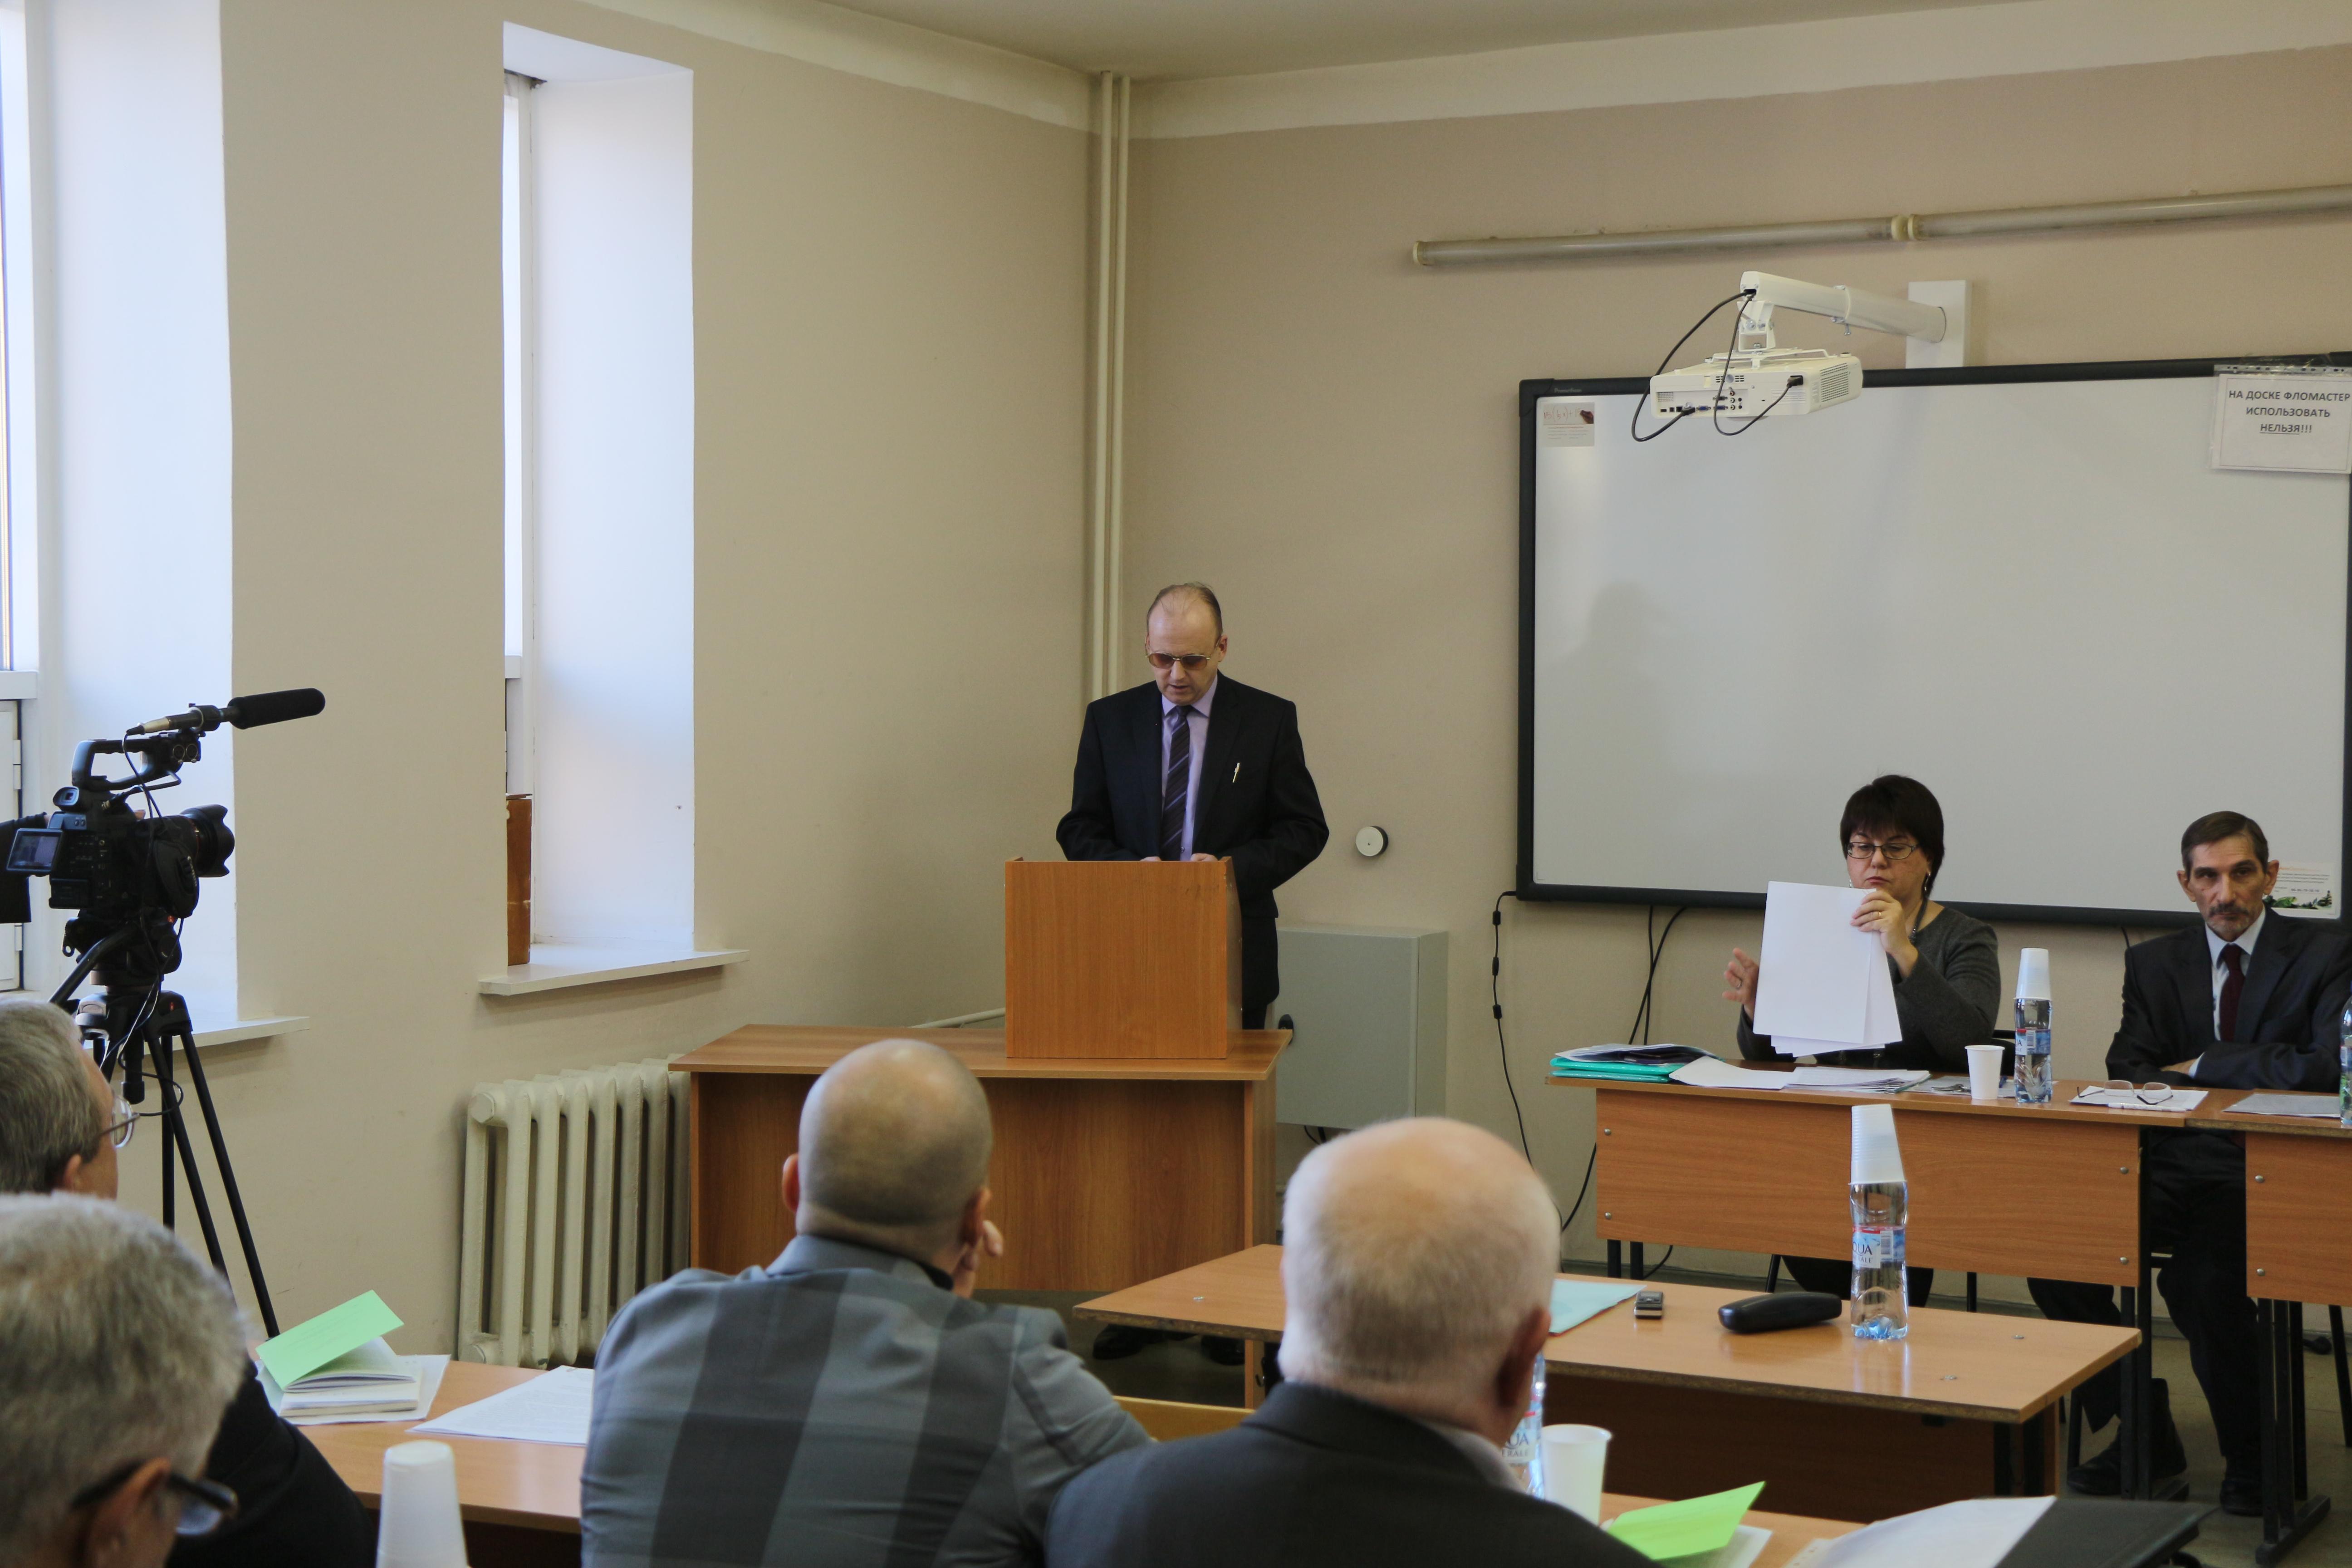 Состоялась защита докторской диссертации по истории СГУ  Состоялась защита докторской диссертации по истории